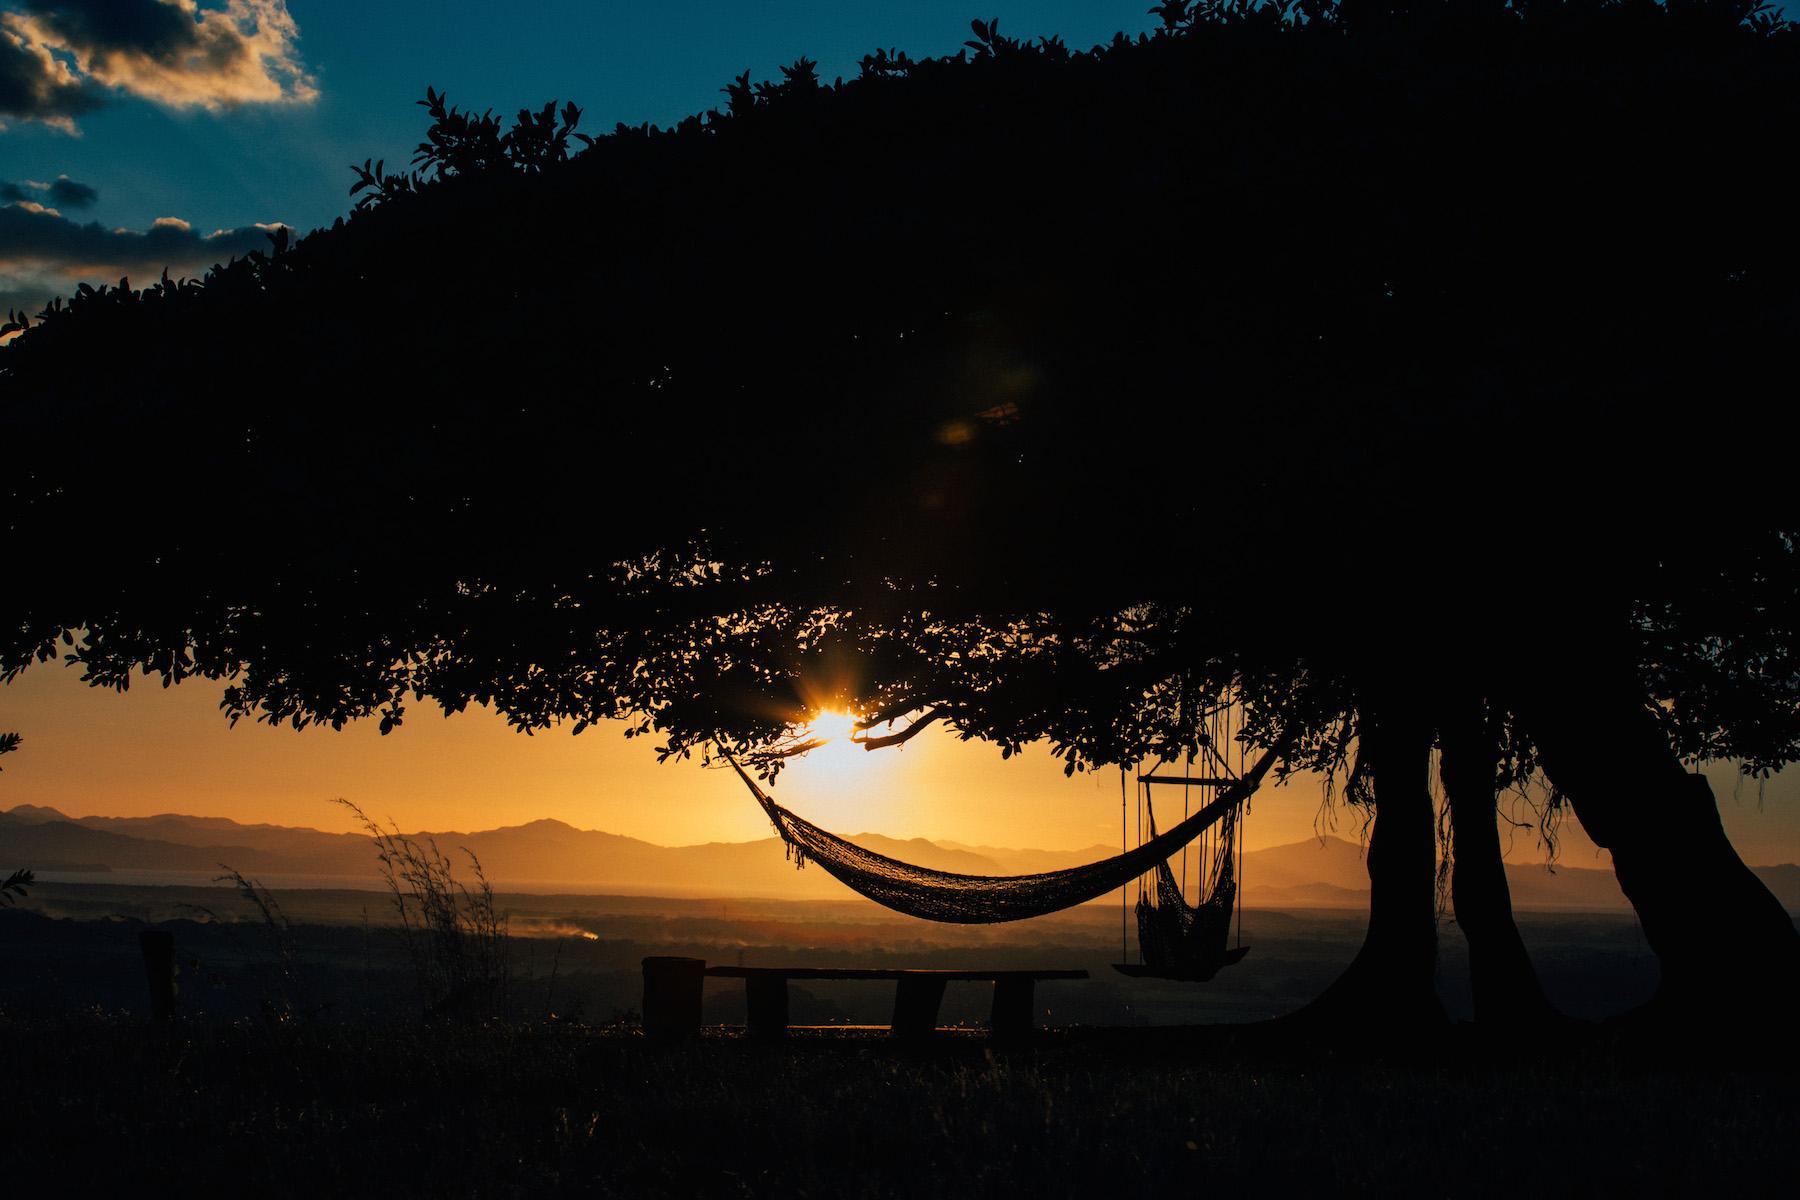 Puerta sunset hammock.jpg